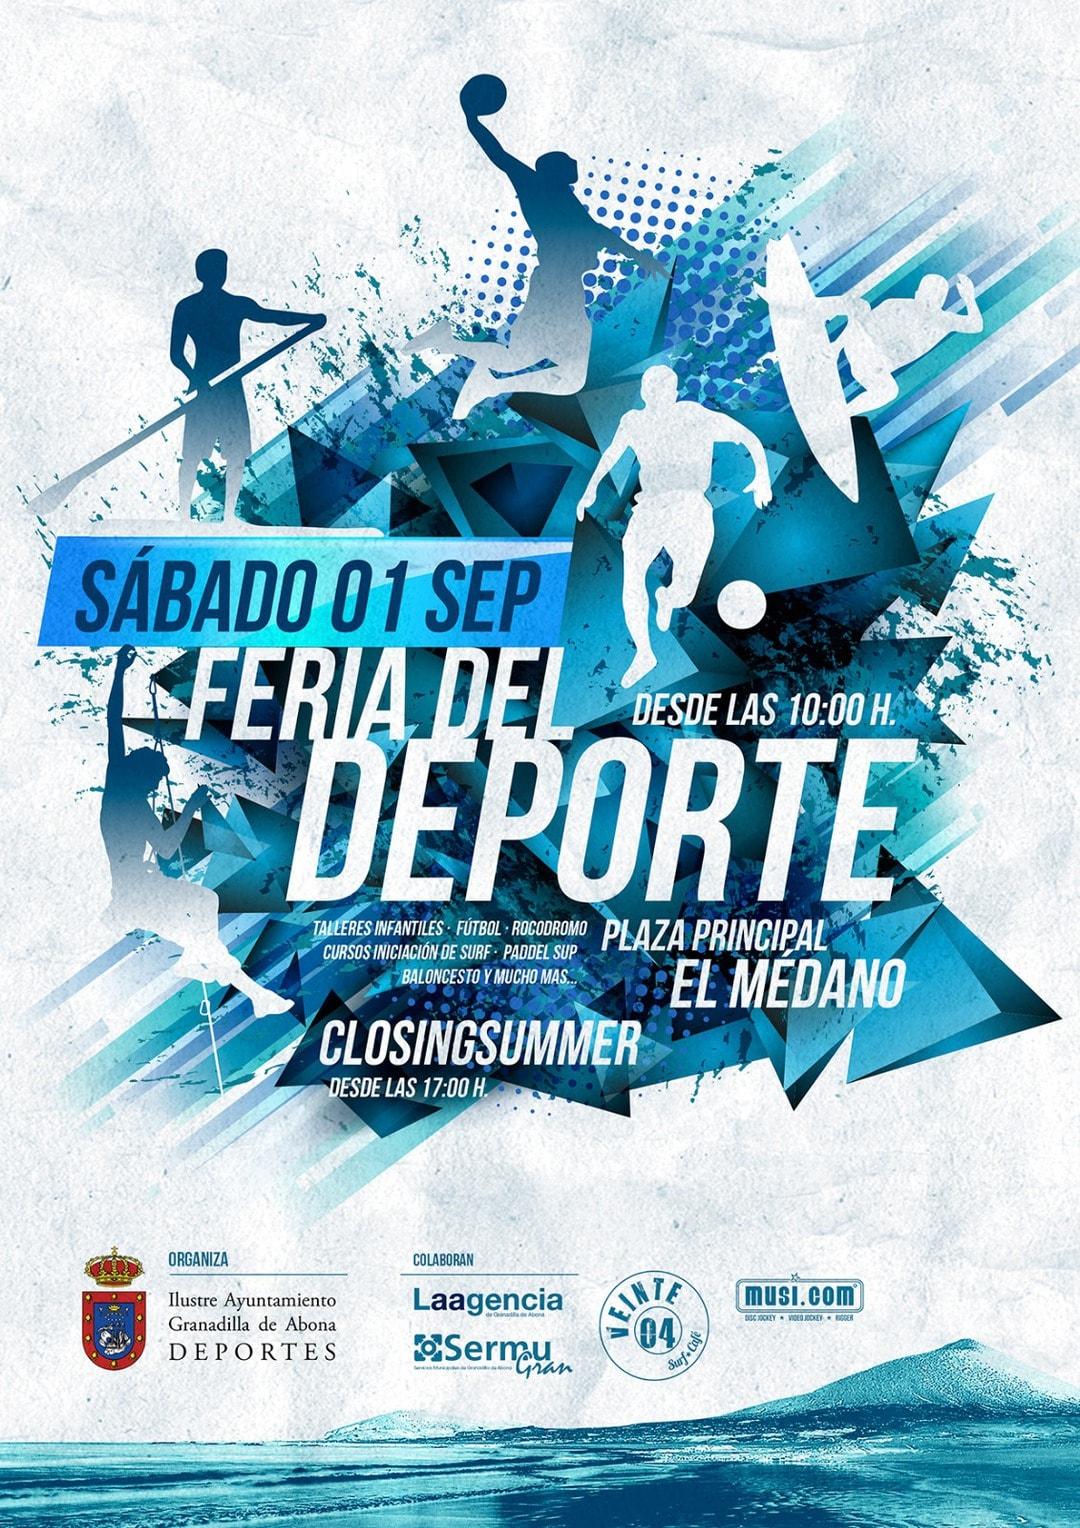 La 'Feria del Deporte 2018' y 'Closing Summer', este sábado en El Médano